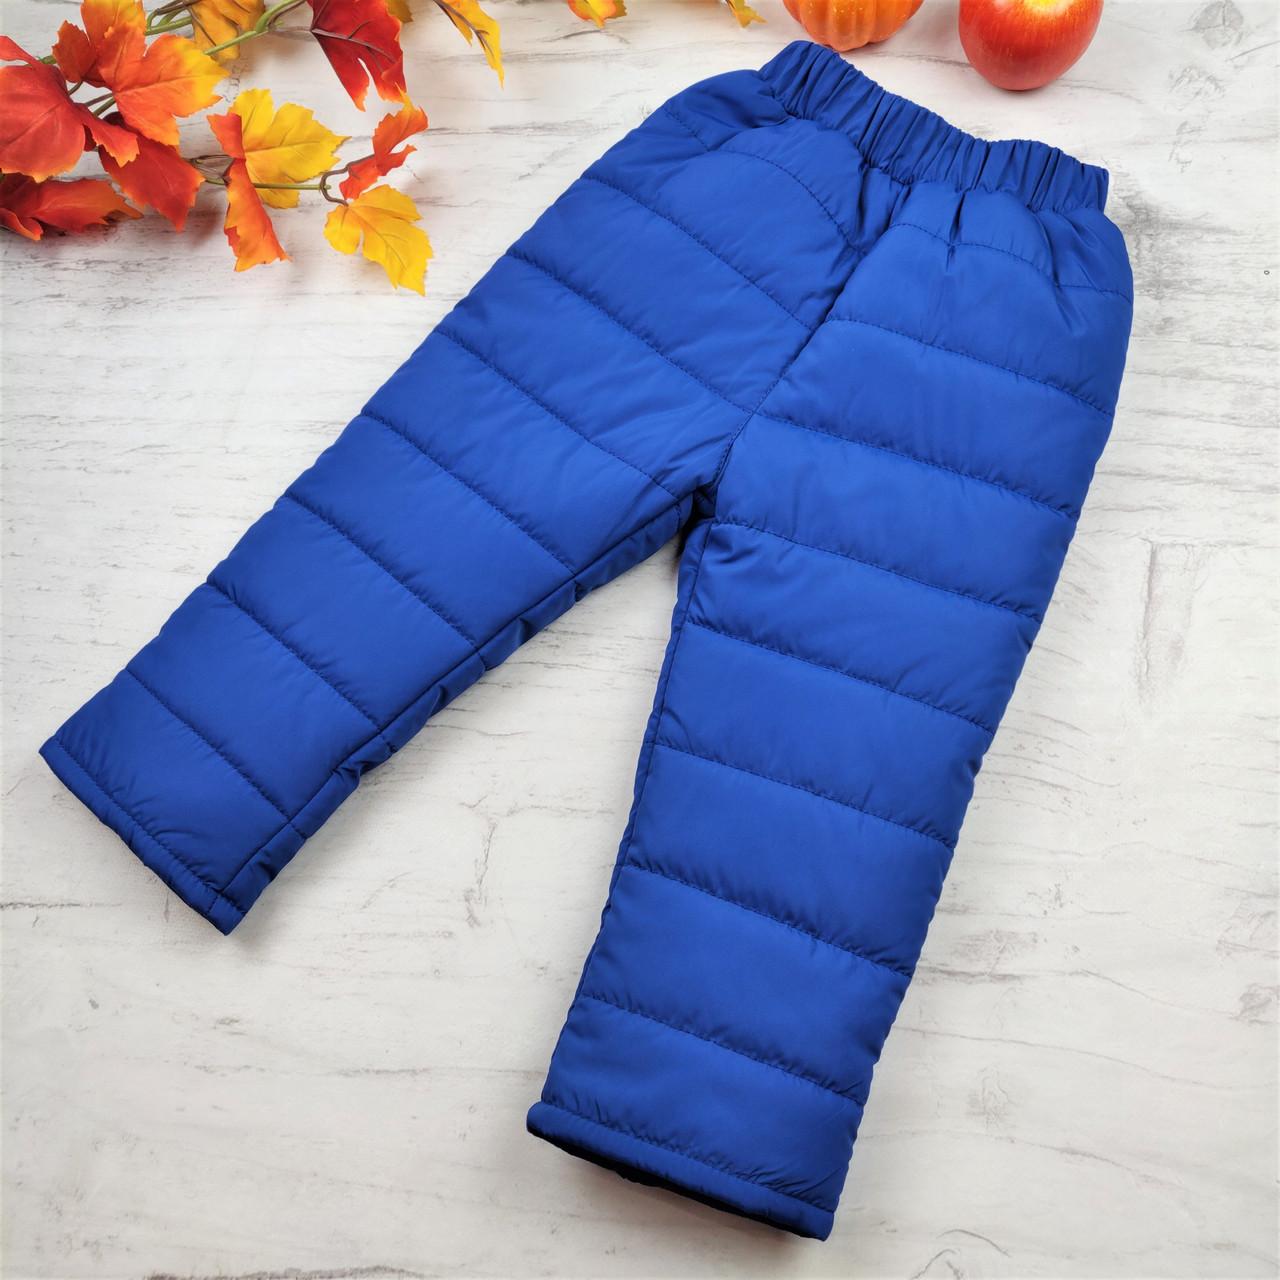 Дитячі теплі болоневые штани (8шт) на хлопчика на дівчинку, 98-140